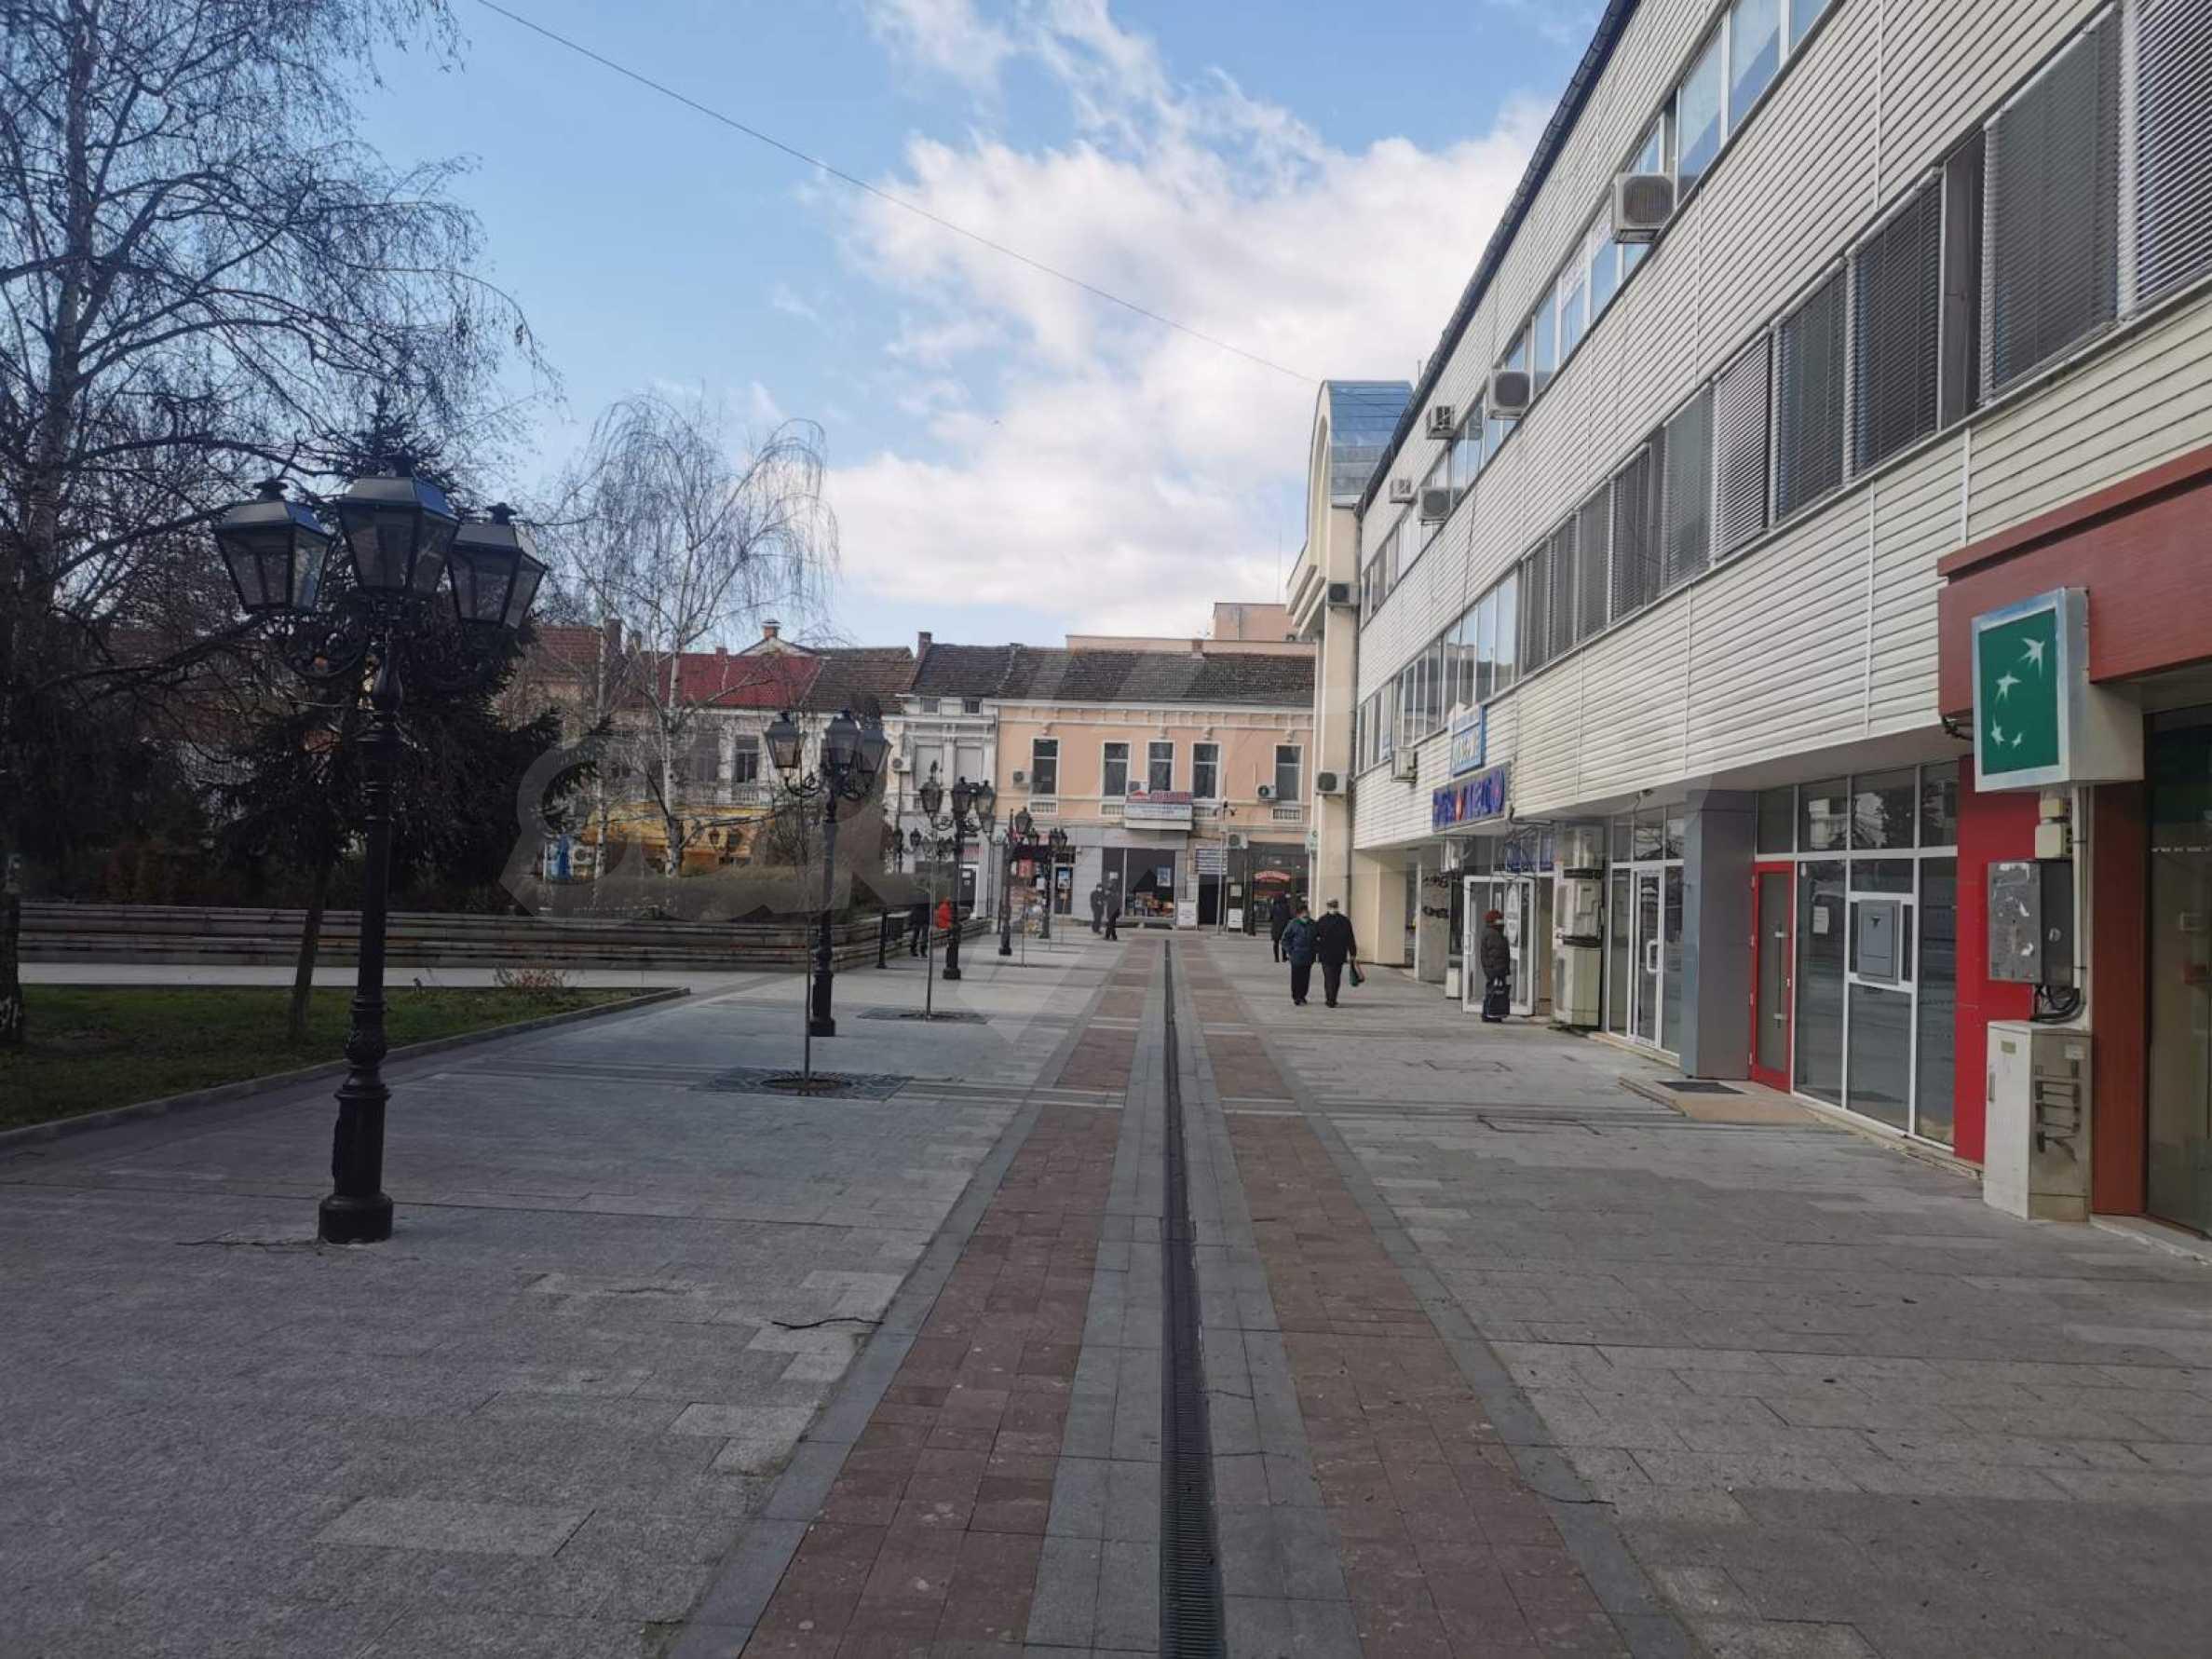 Търговско помещение под наем в центъра на града 3